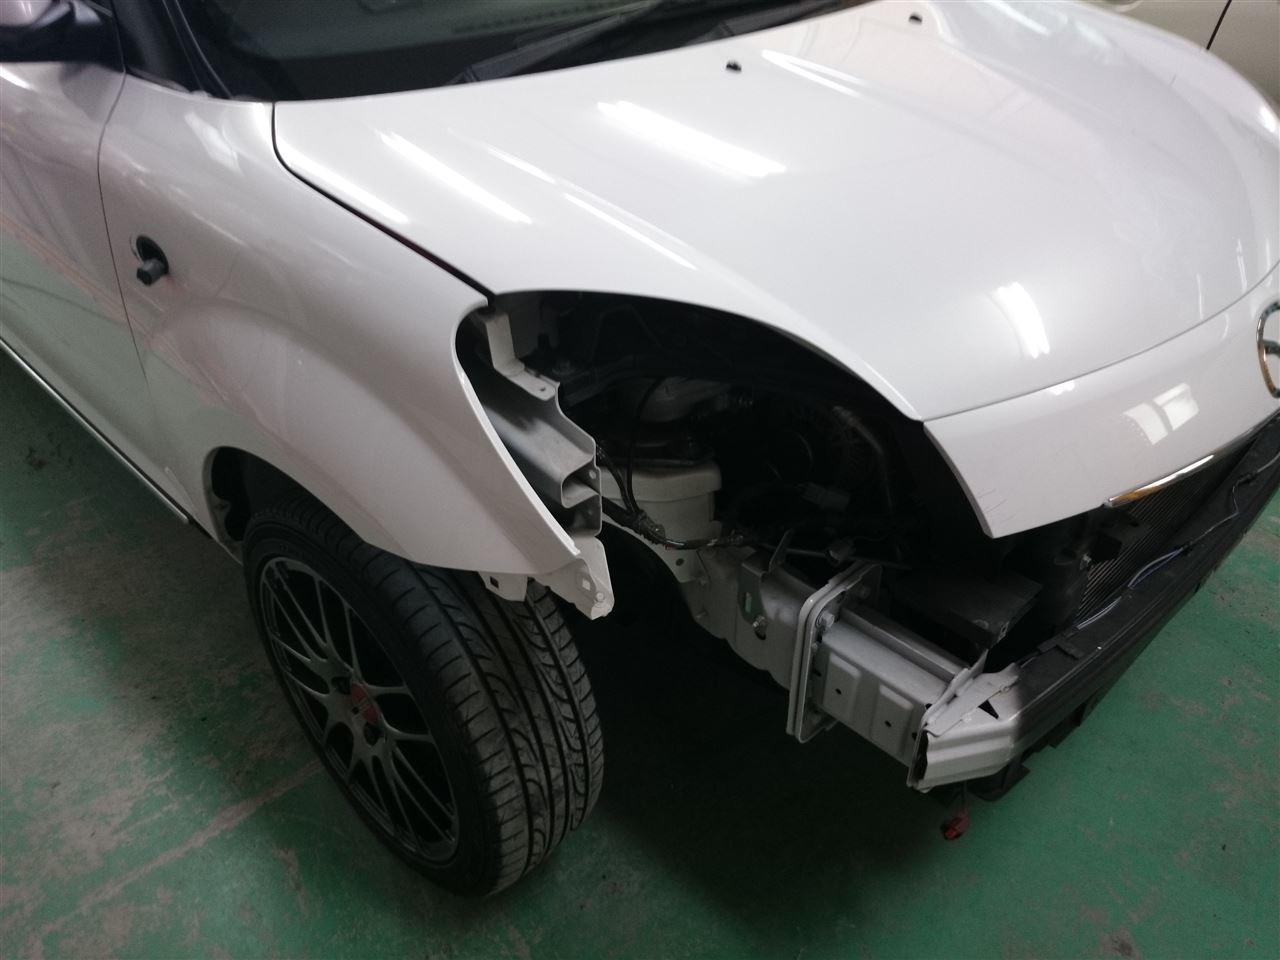 東京都立川市の車の板金塗装修理工場 ガレージローライドのマツダ ベリーサの右前部のキズ へこみ の板金 修理 塗装 です。